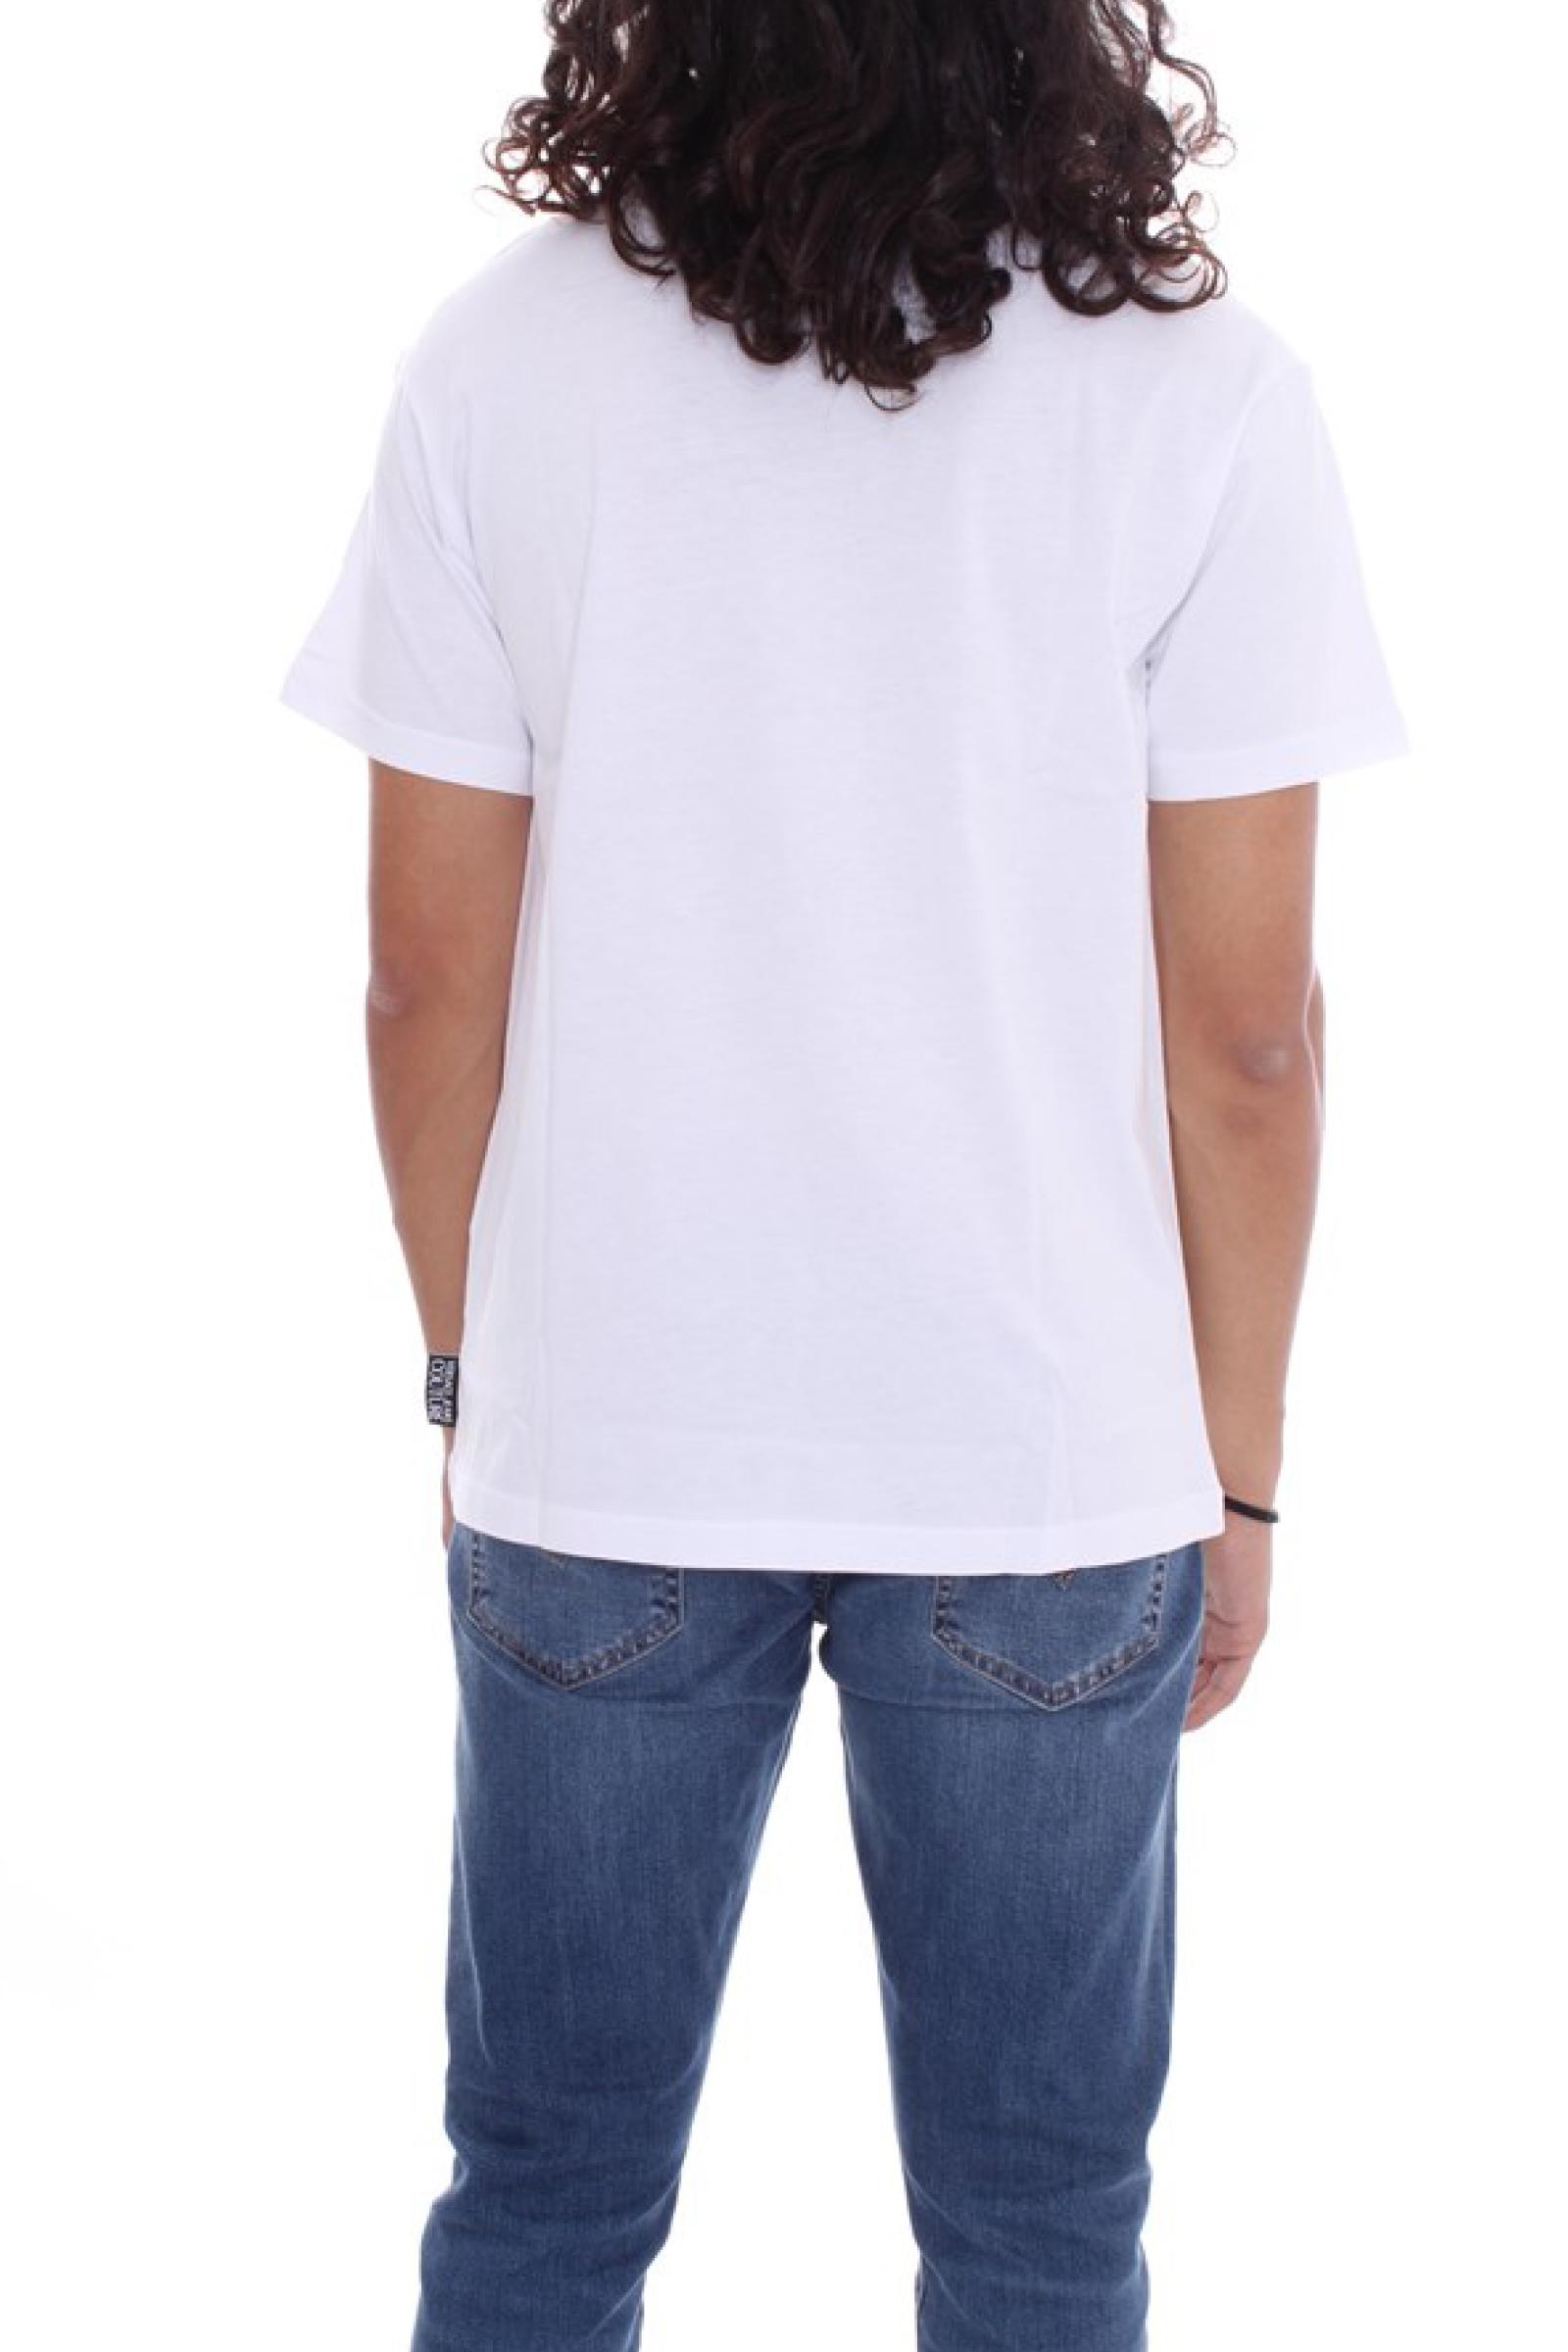 VERSACE JEANS COUTURE VERSACE JEANS COUTURE | T-Shirt | B3GZB7EB 30311K41 ZUM601